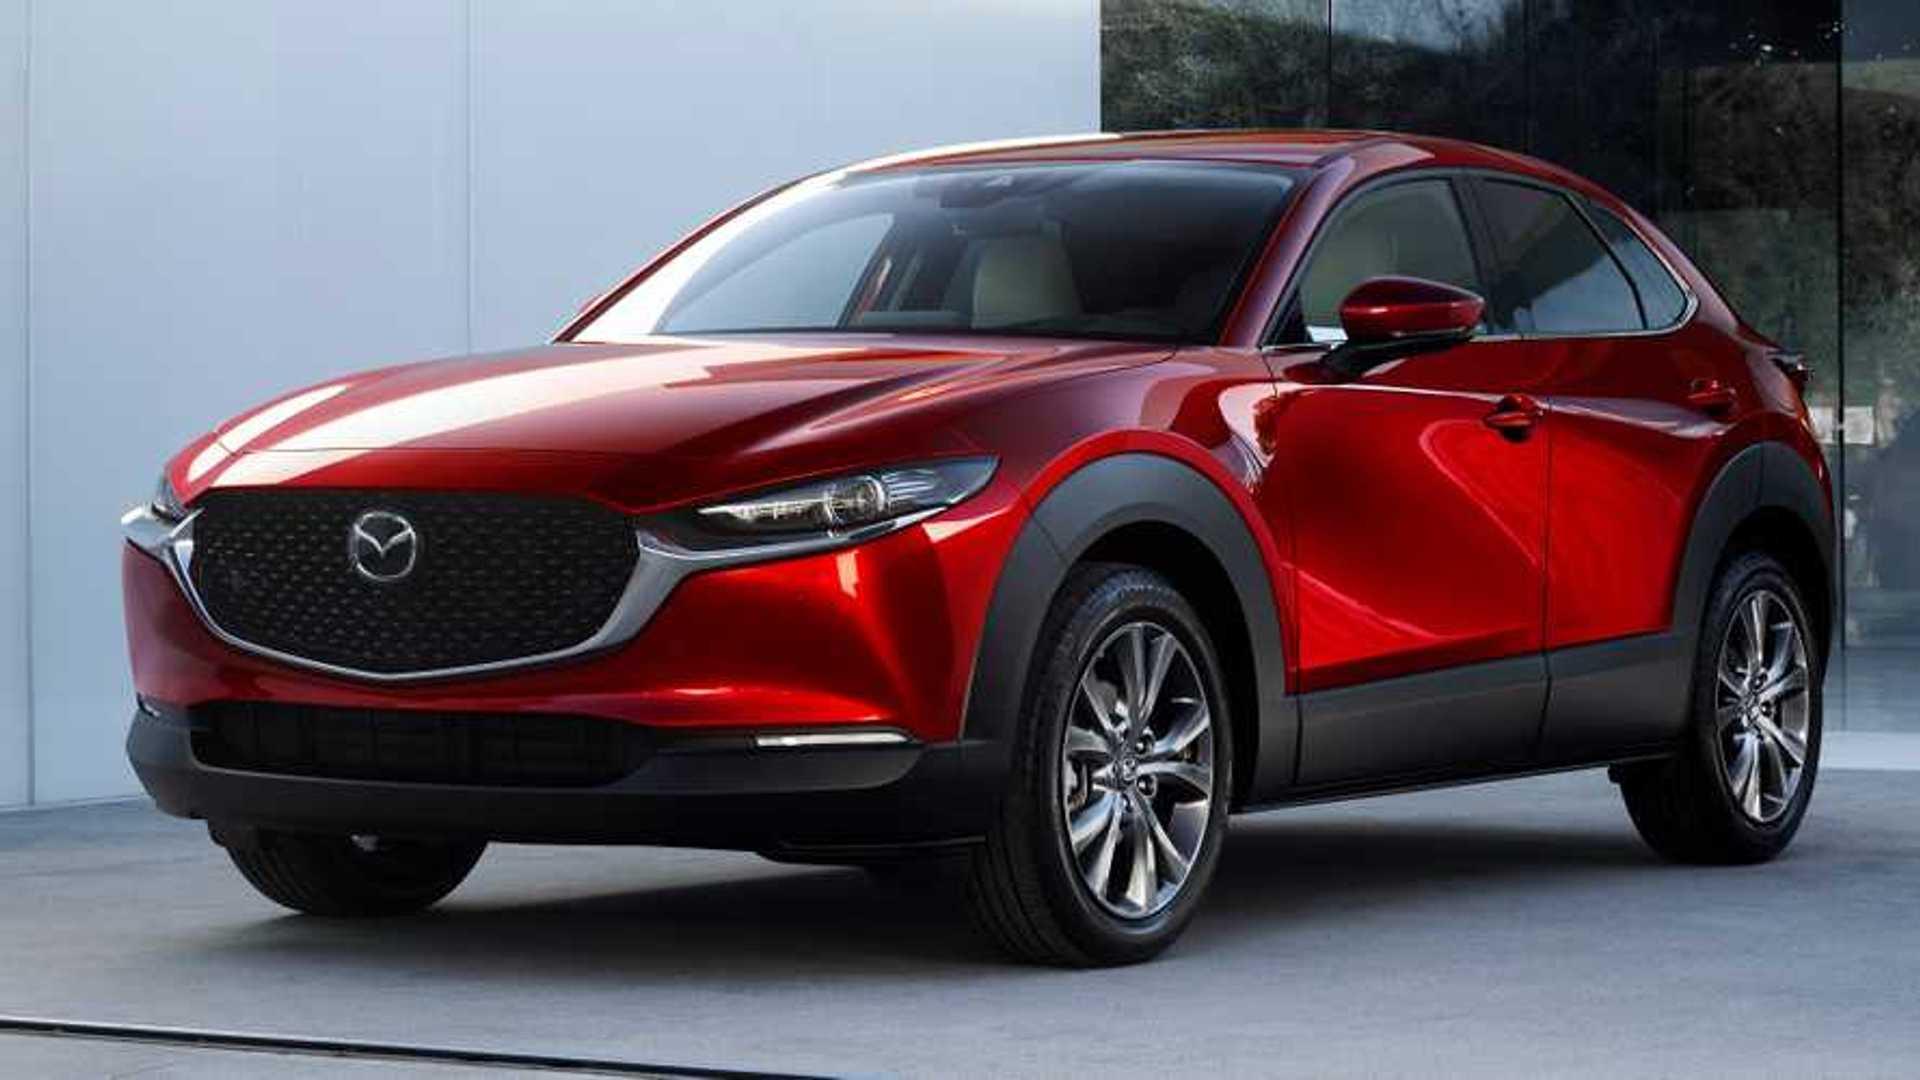 Kekurangan Mazda C30 Top Model Tahun Ini